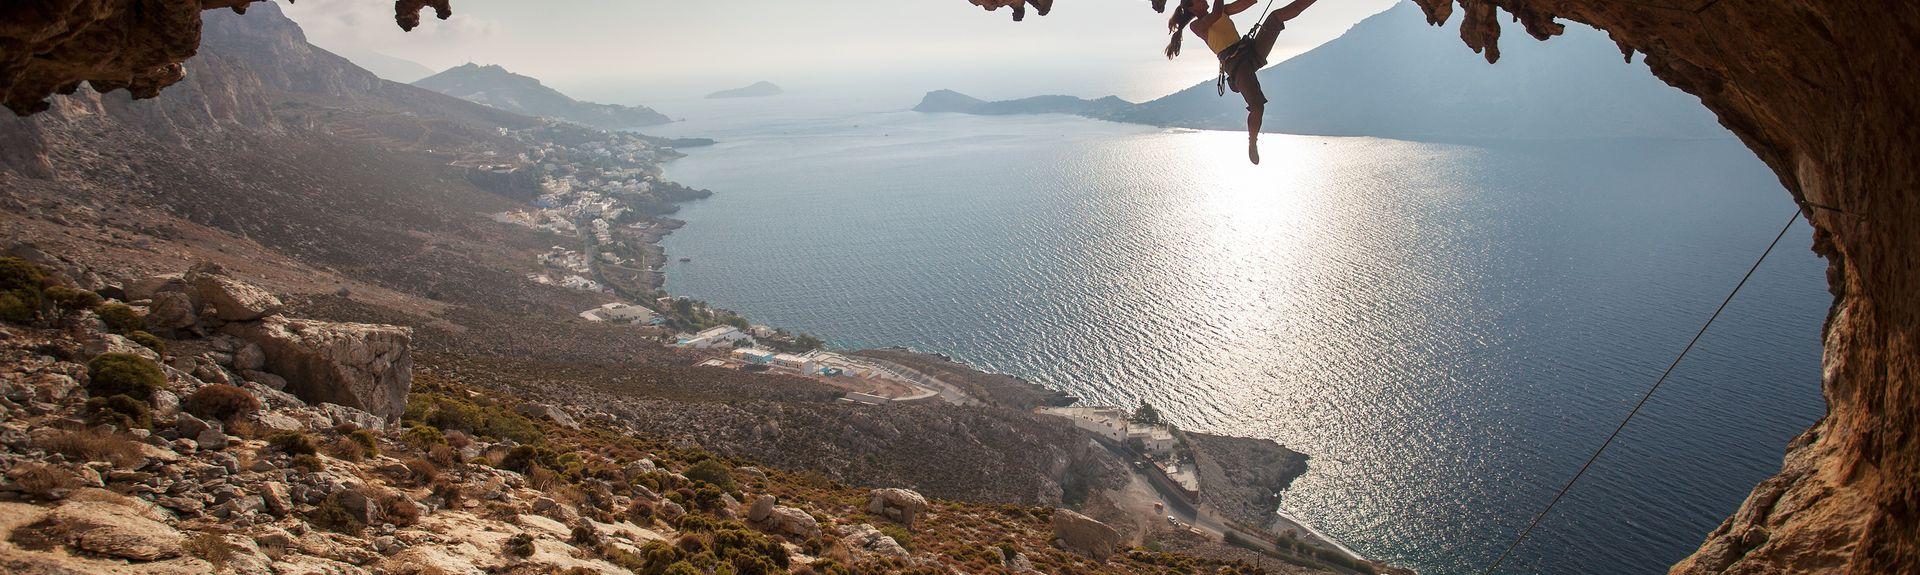 Kalymnos, Kalymnos, Egeanmeren saaret, Kreikka